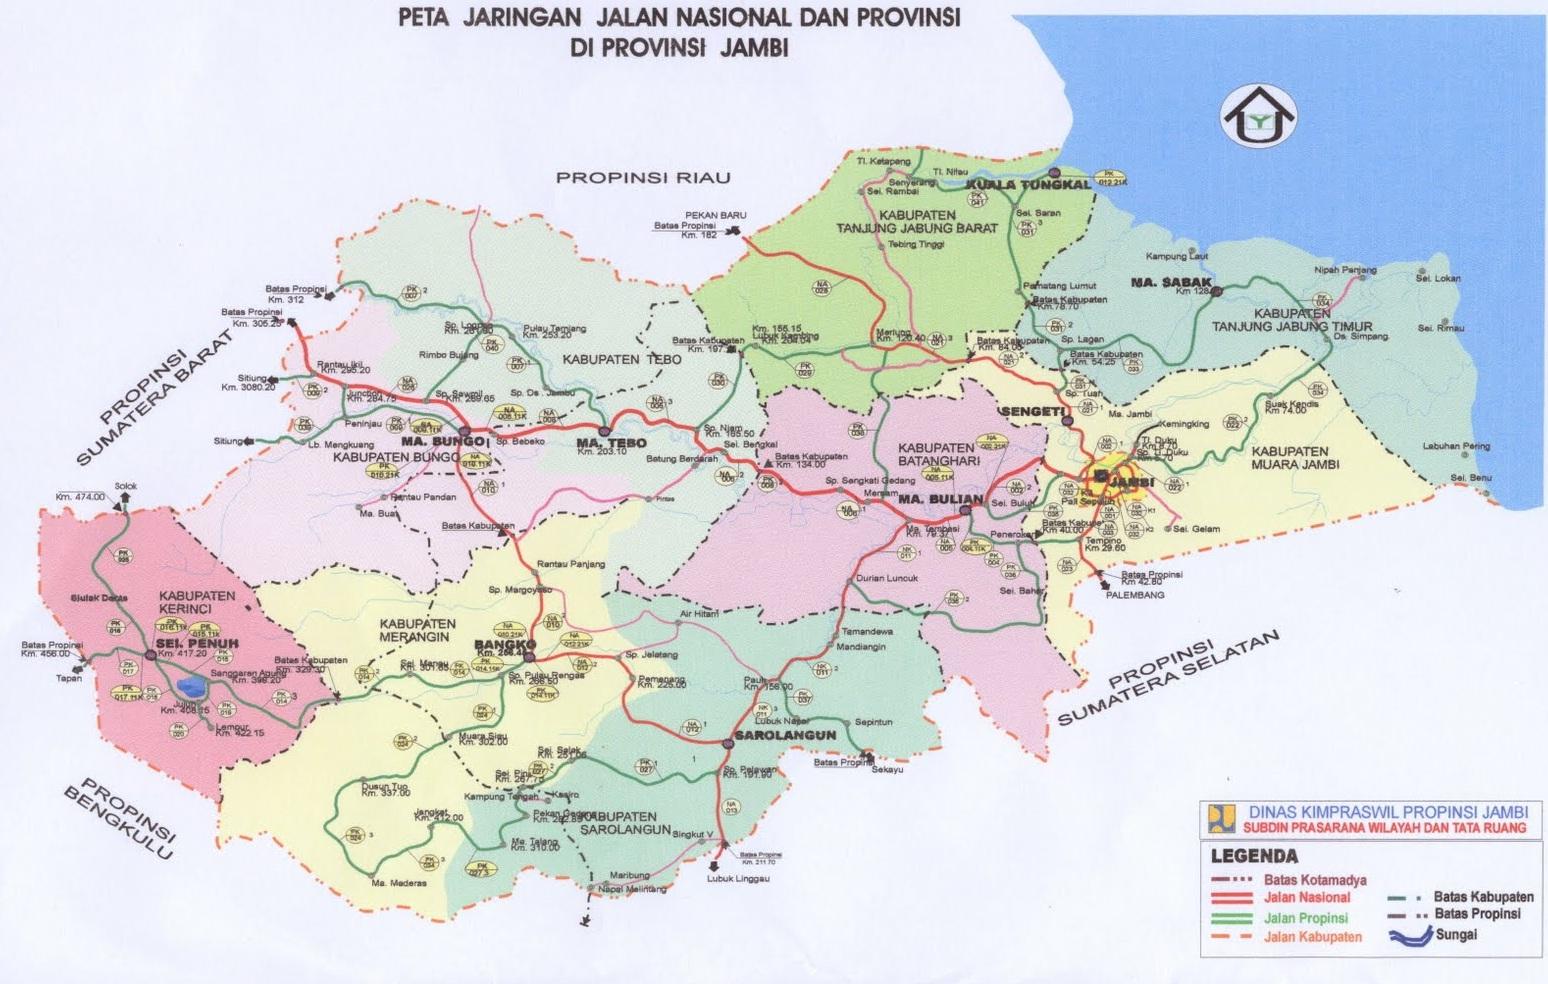 Peta Jalan di Provinsi Jambi